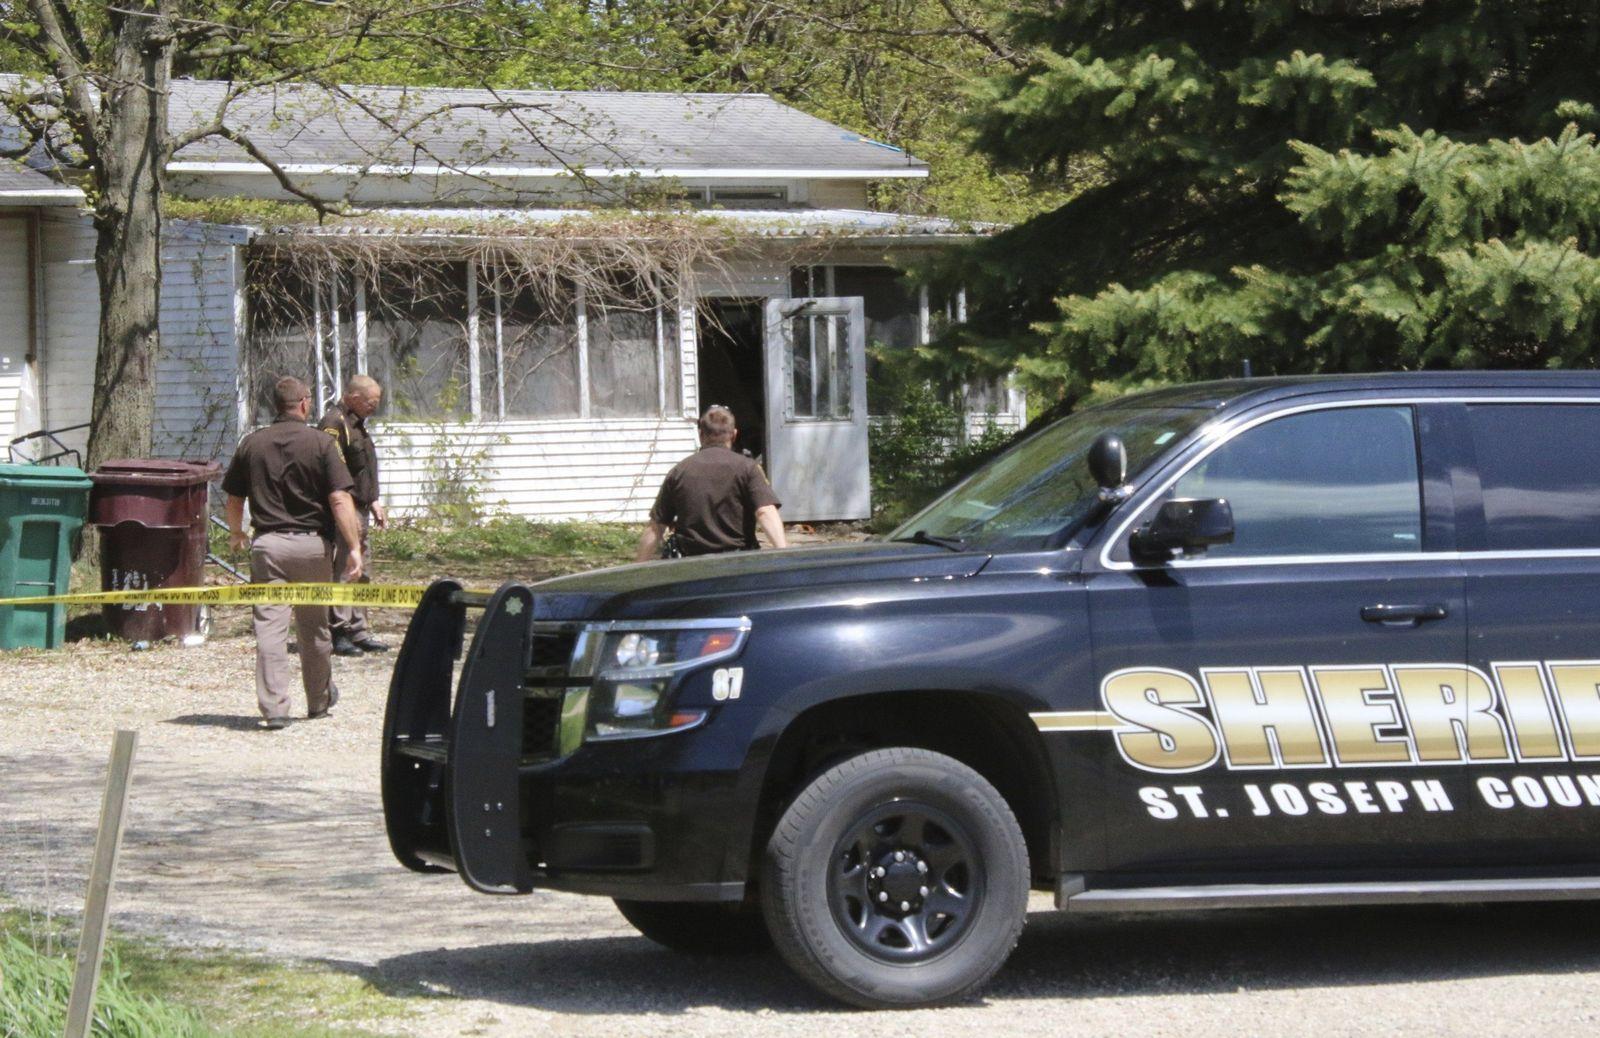 Woman Slain Child Suspect